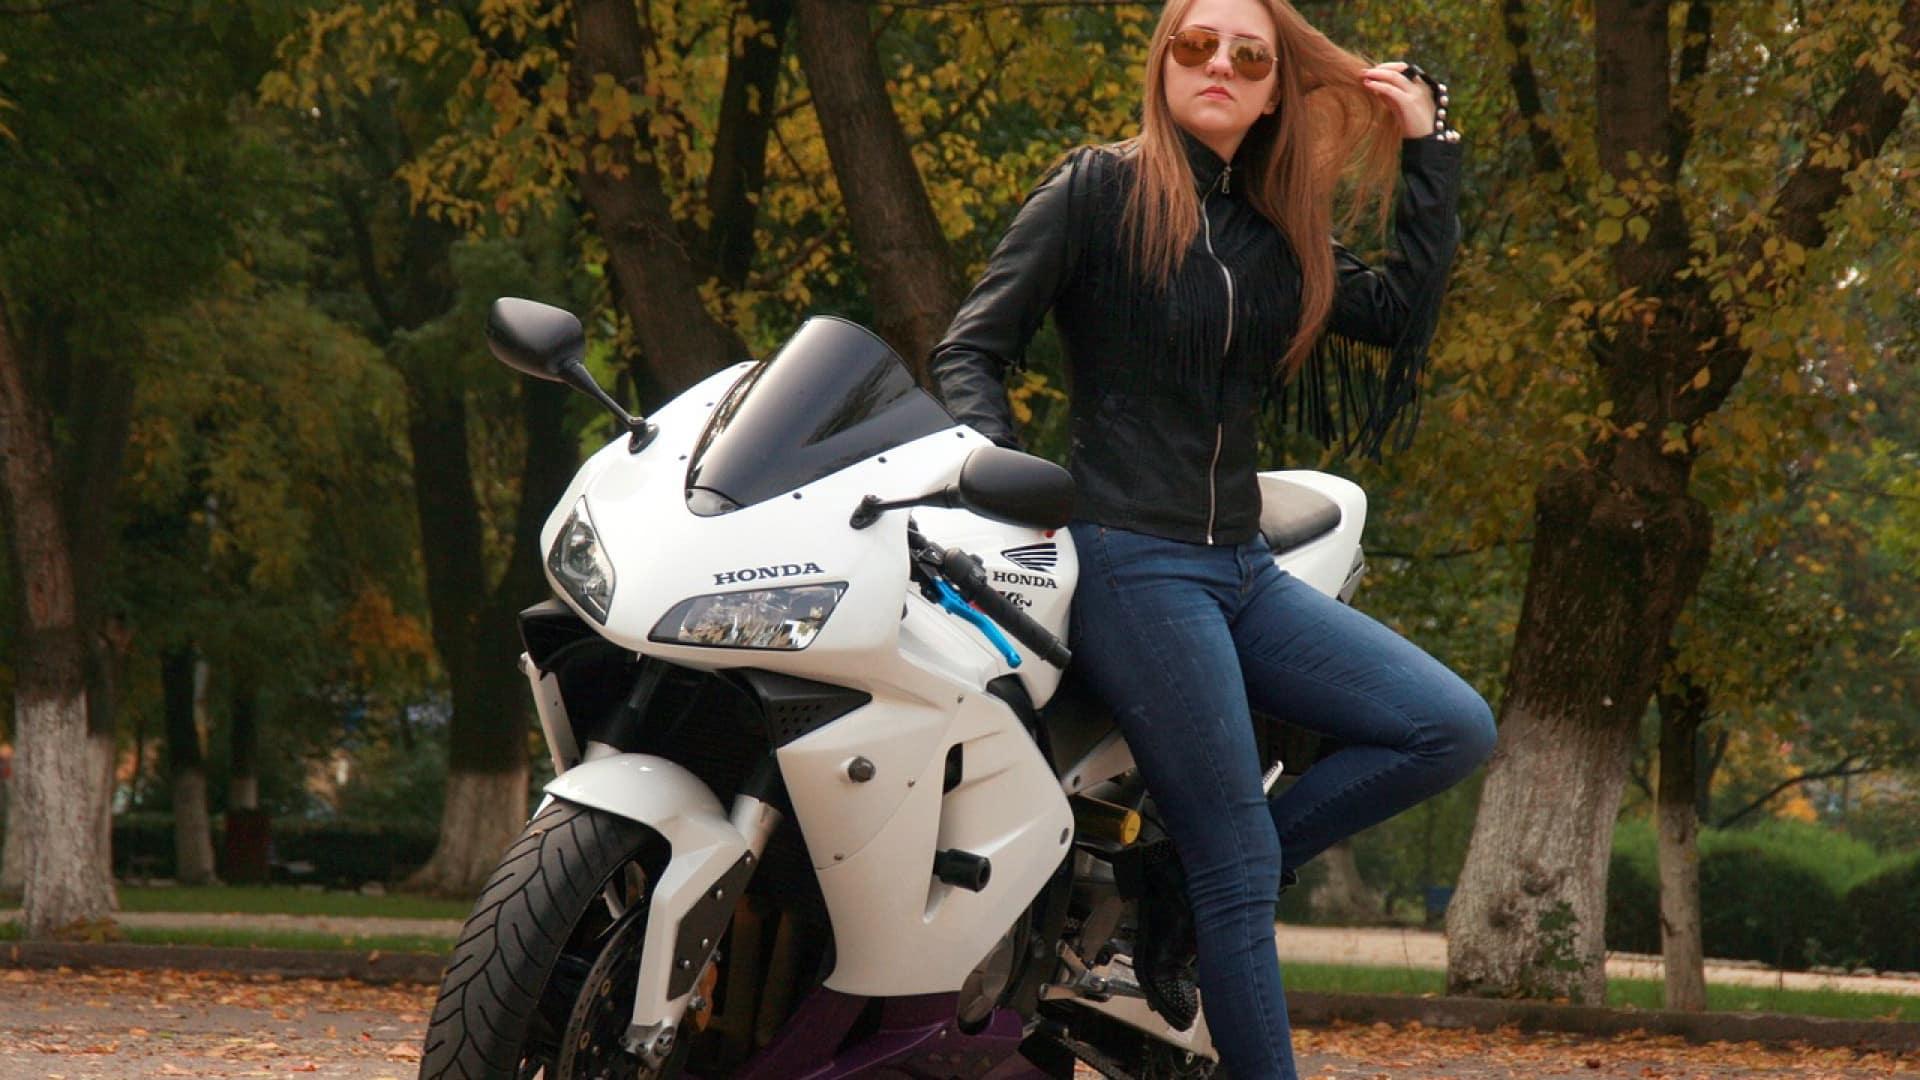 Prévoyez un second casque de moto pour vos rendez-vous amoureux !